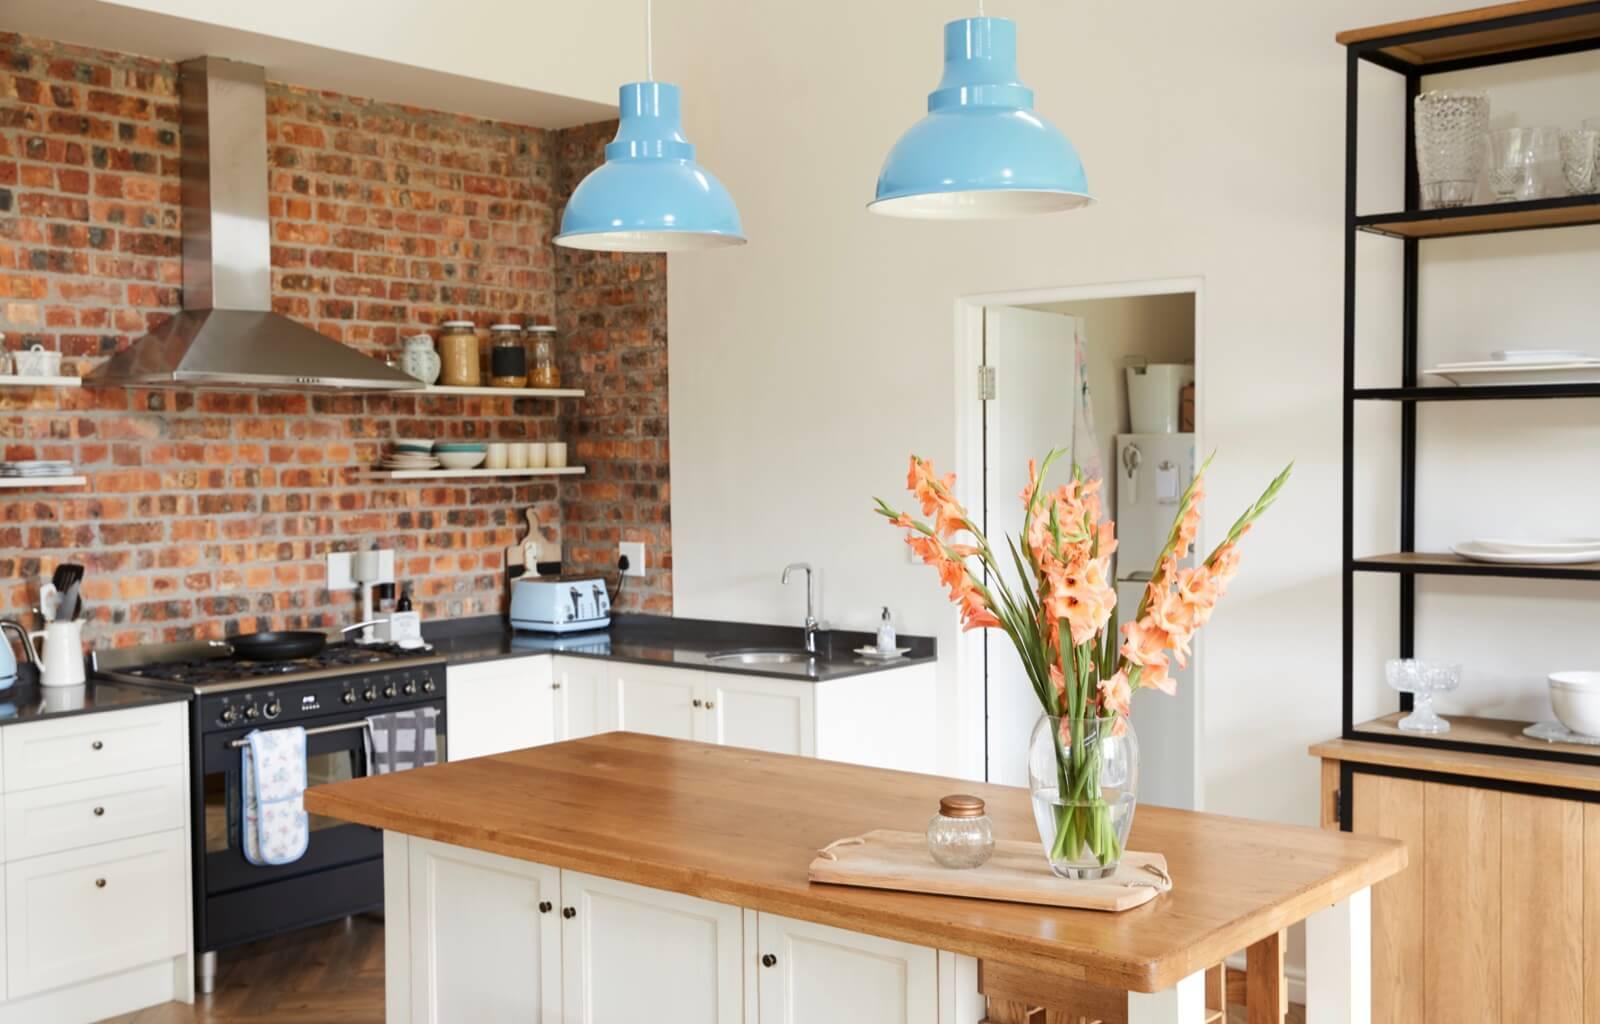 Full Size of Weisse Landhausküche Weiß Moderne Badezimmer Einrichten Grau Küche Kleine Gebraucht Wohnzimmer Landhausküche Einrichten